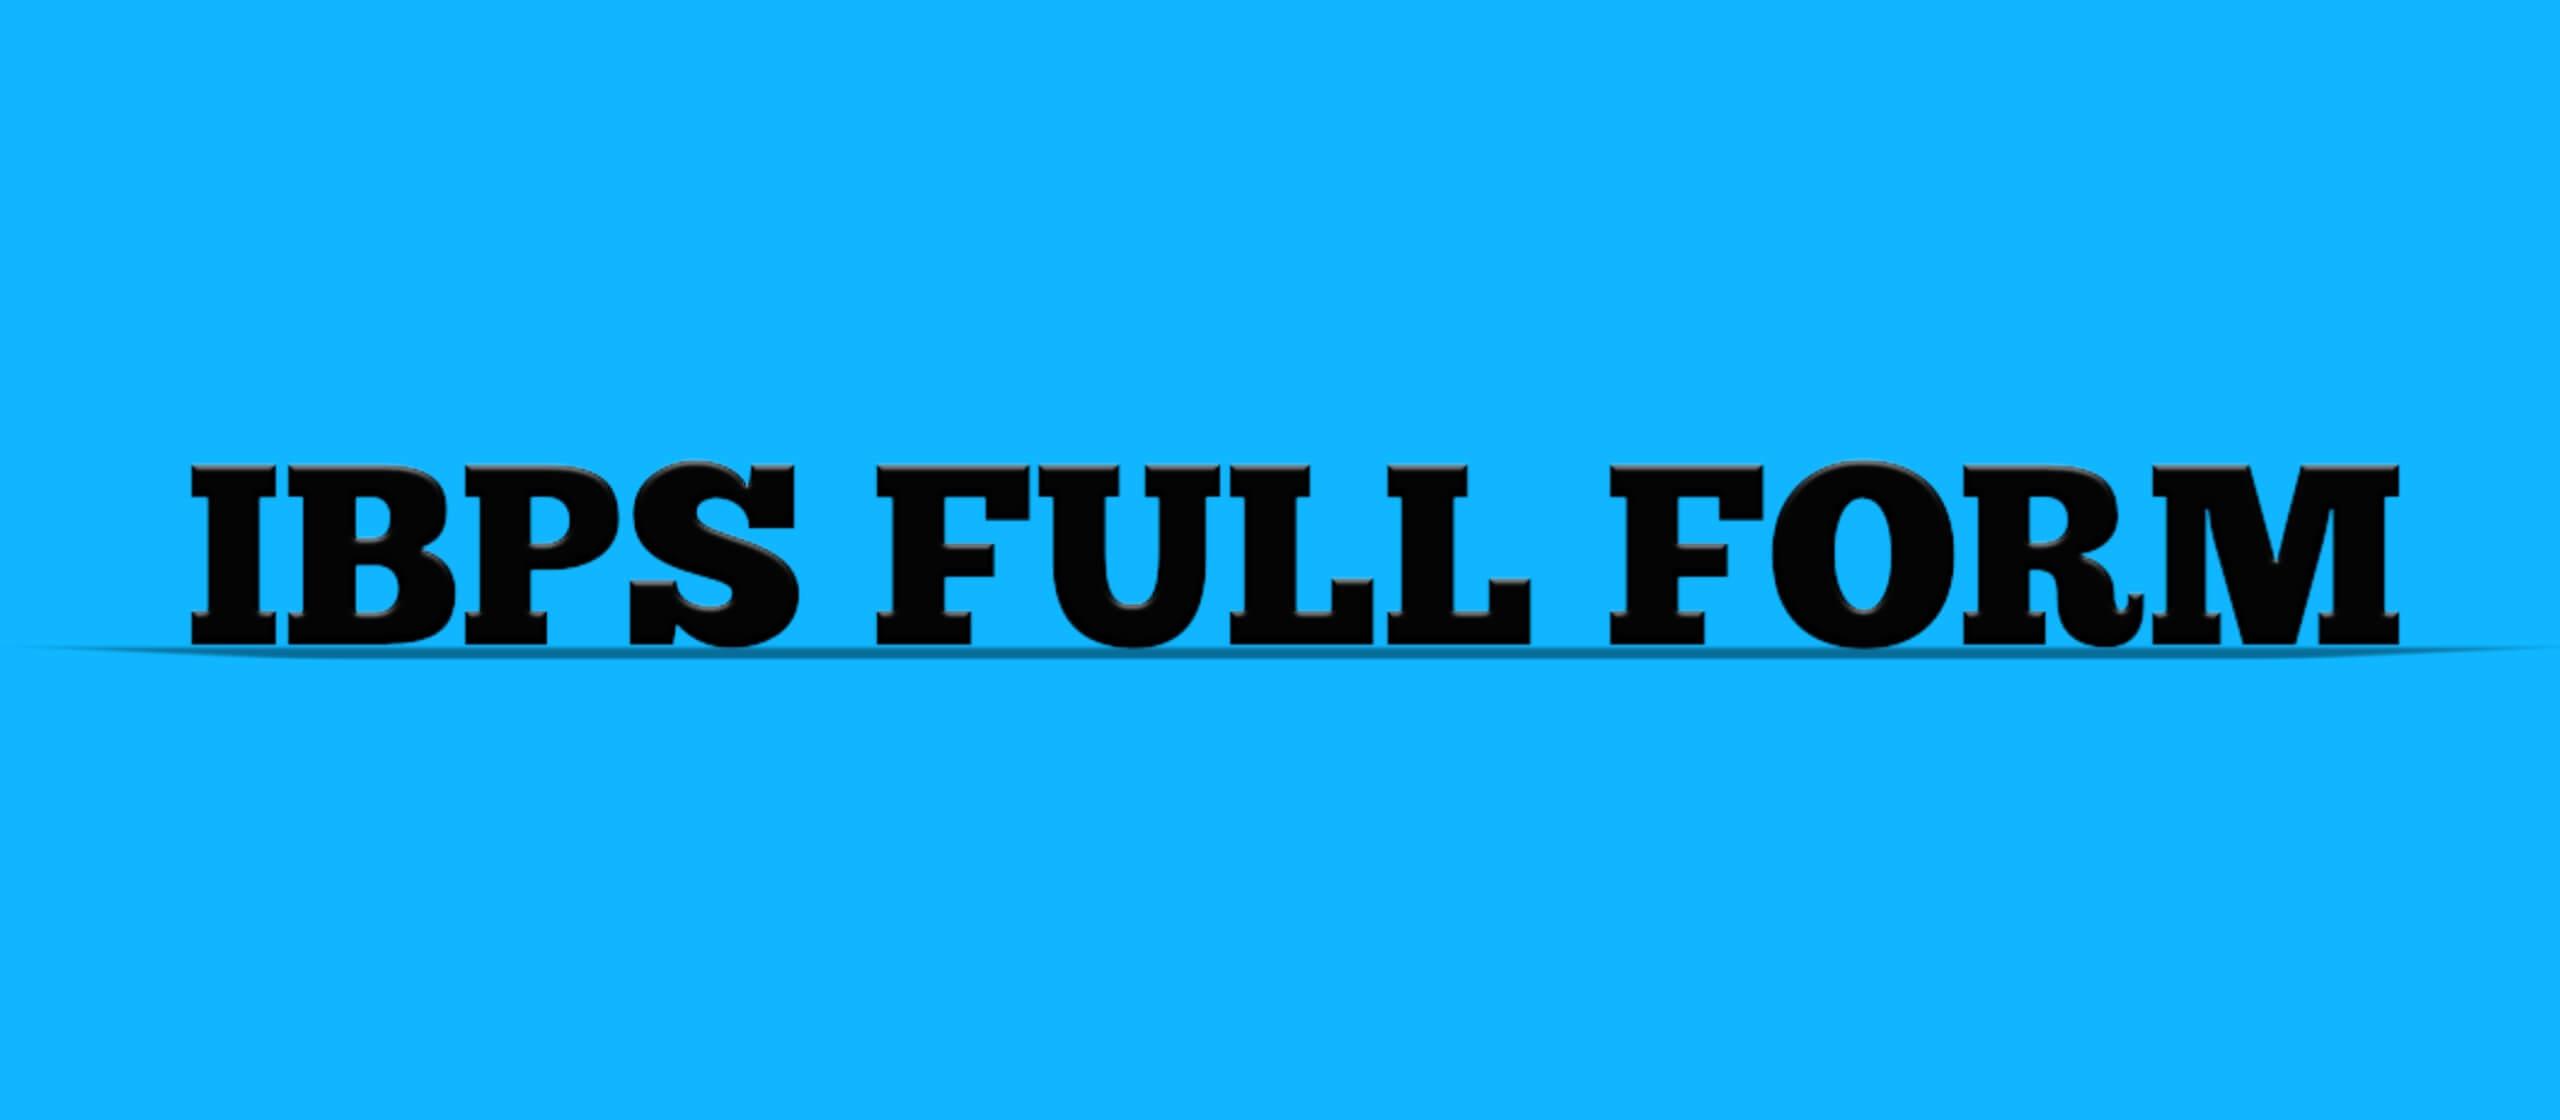 IBPS FULL FORM